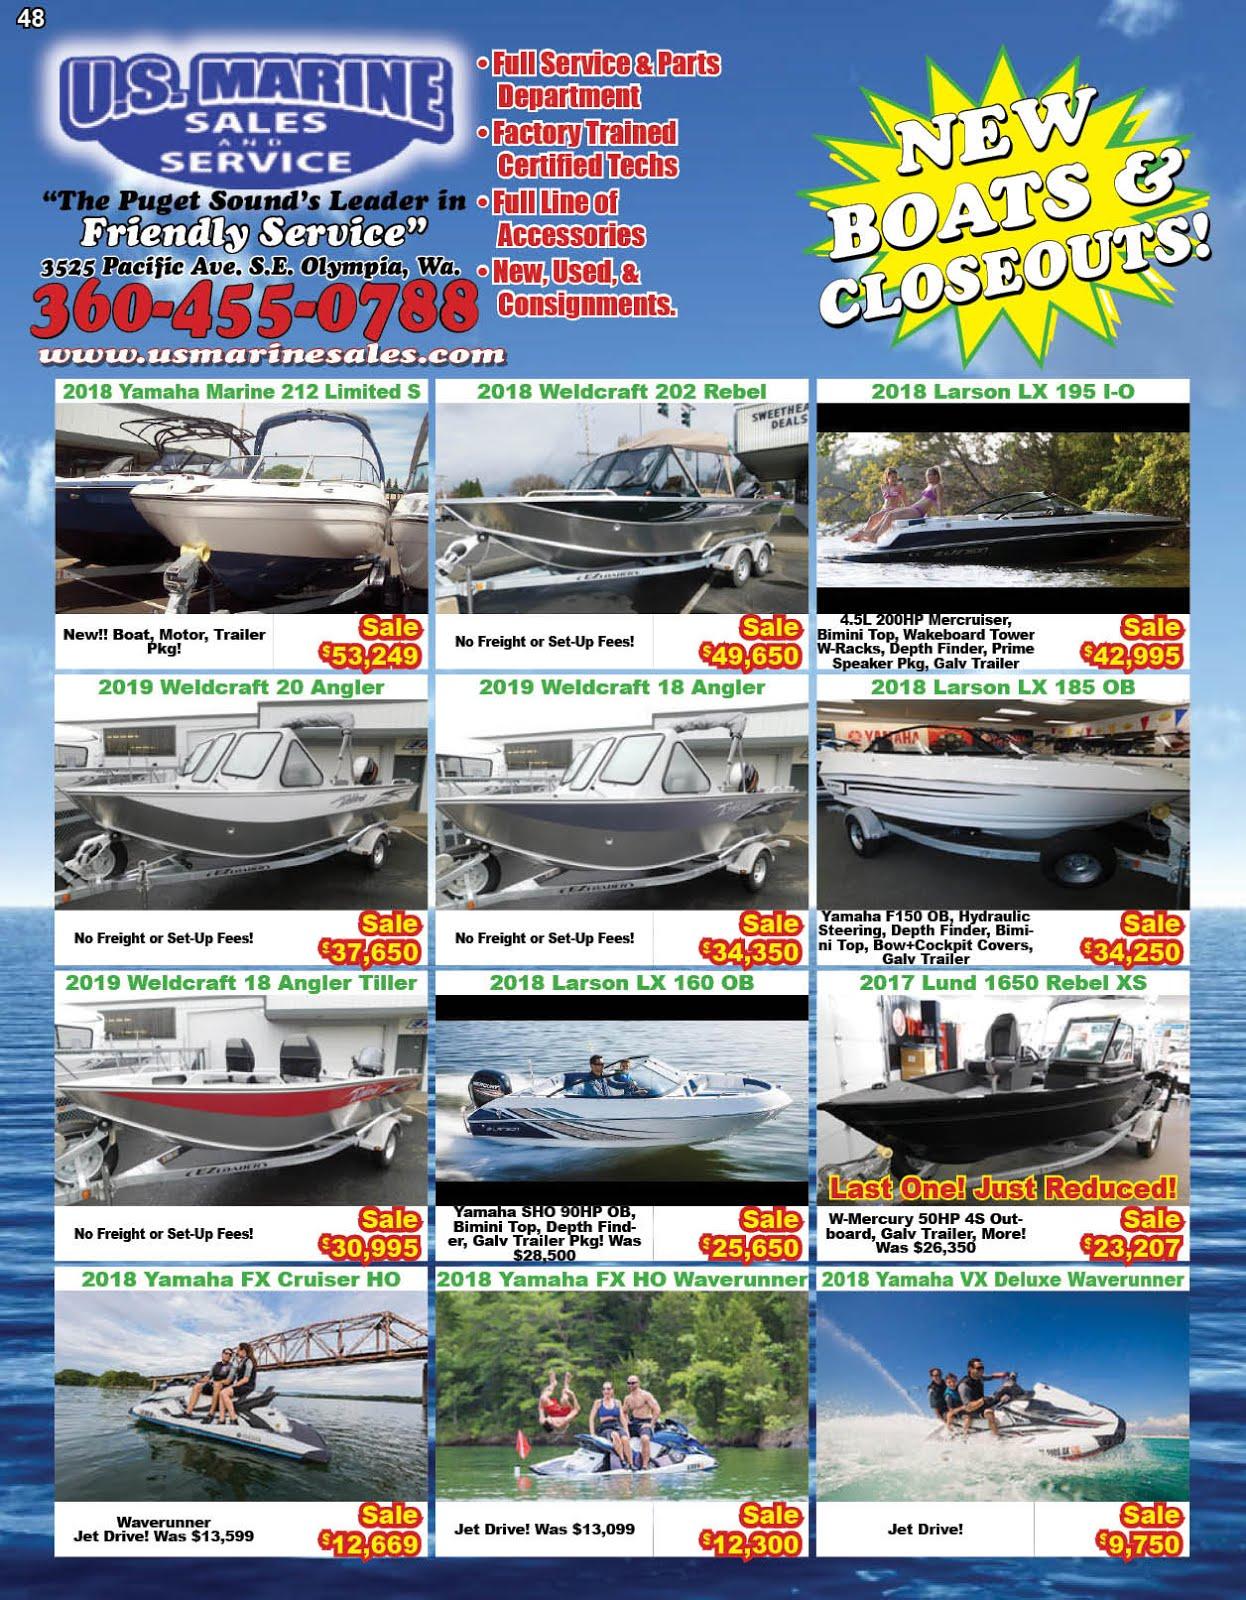 US Marine Sales & Service Carries Yamaha Marine, Weldcraft, Lund, G3 & Suncatcher Pontoons!